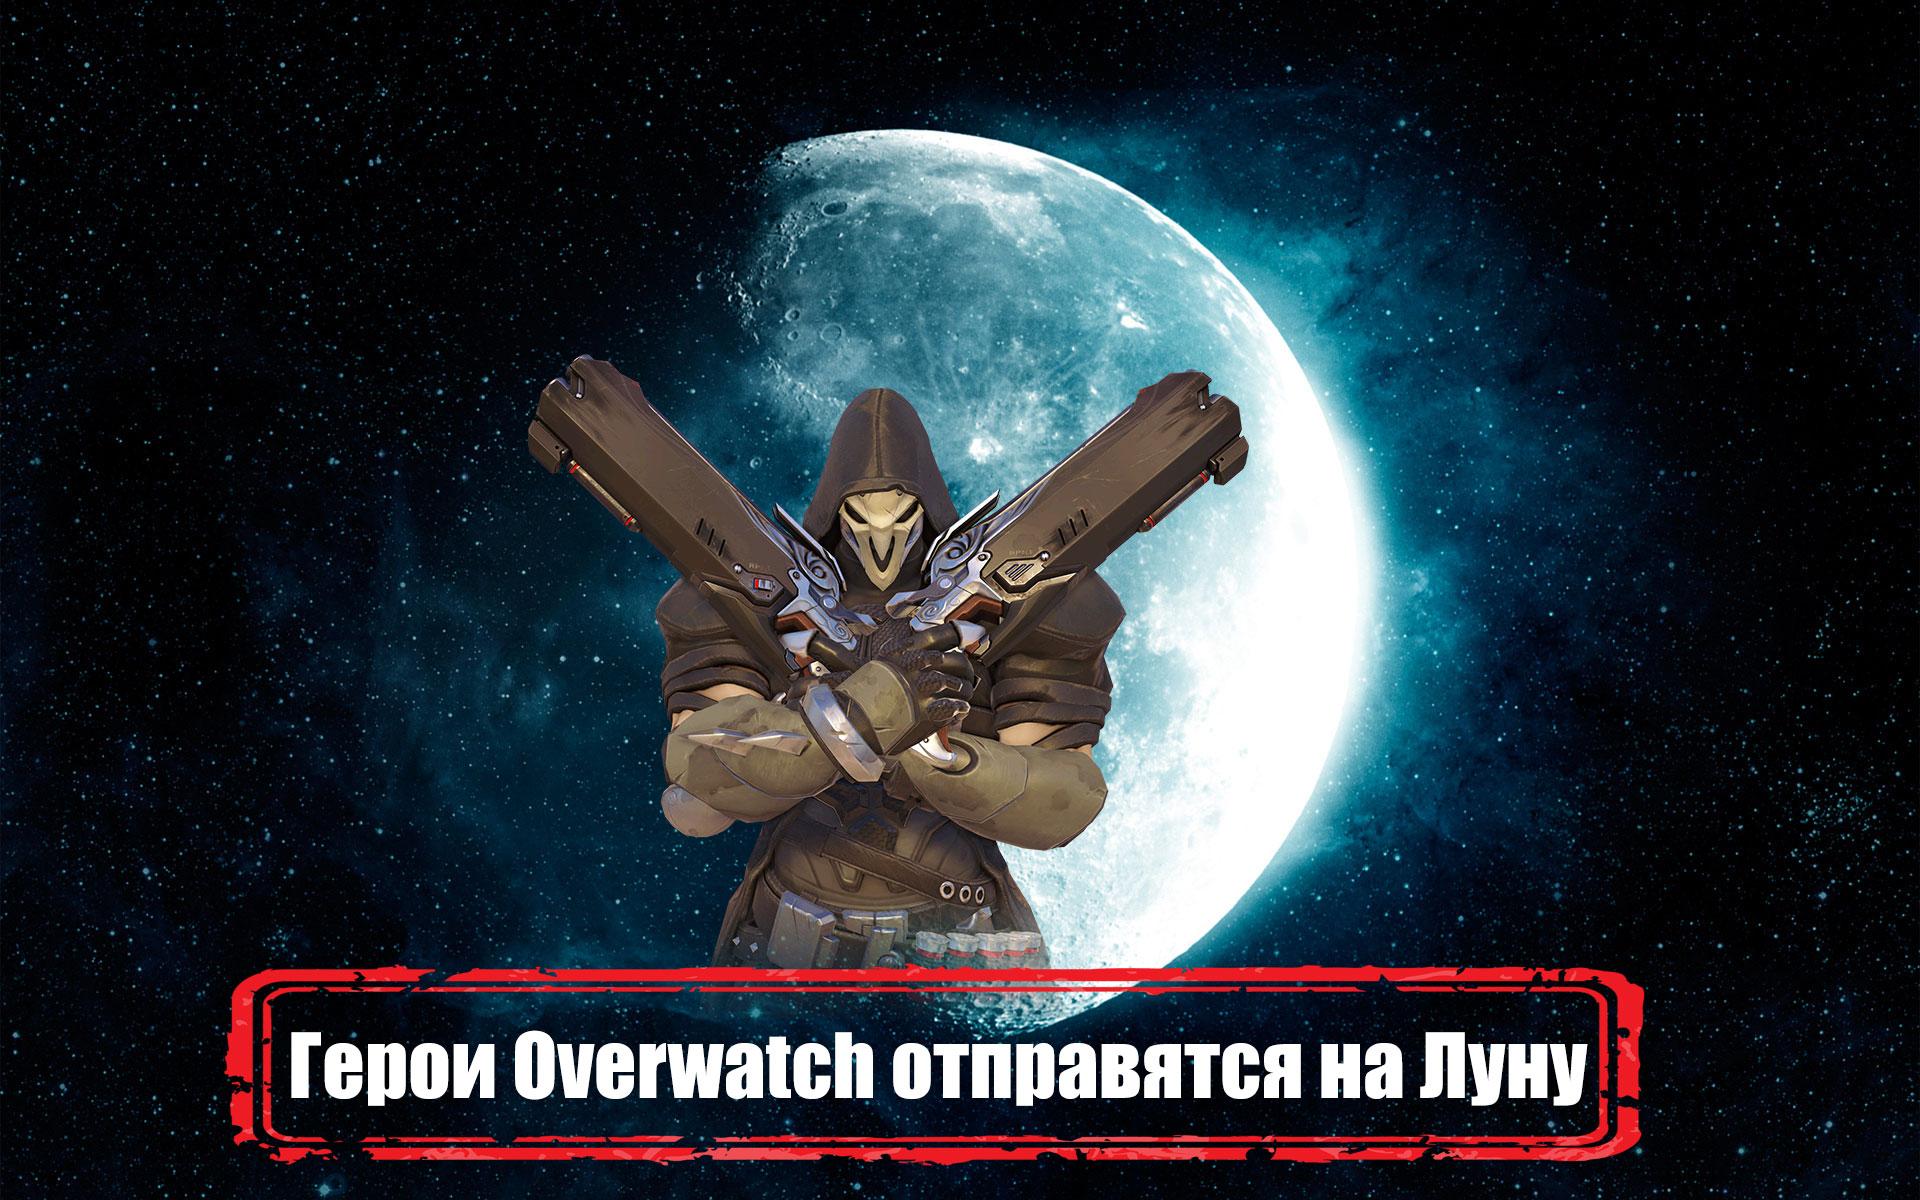 Не исключено, что герои Overwatch отправятся на Луну